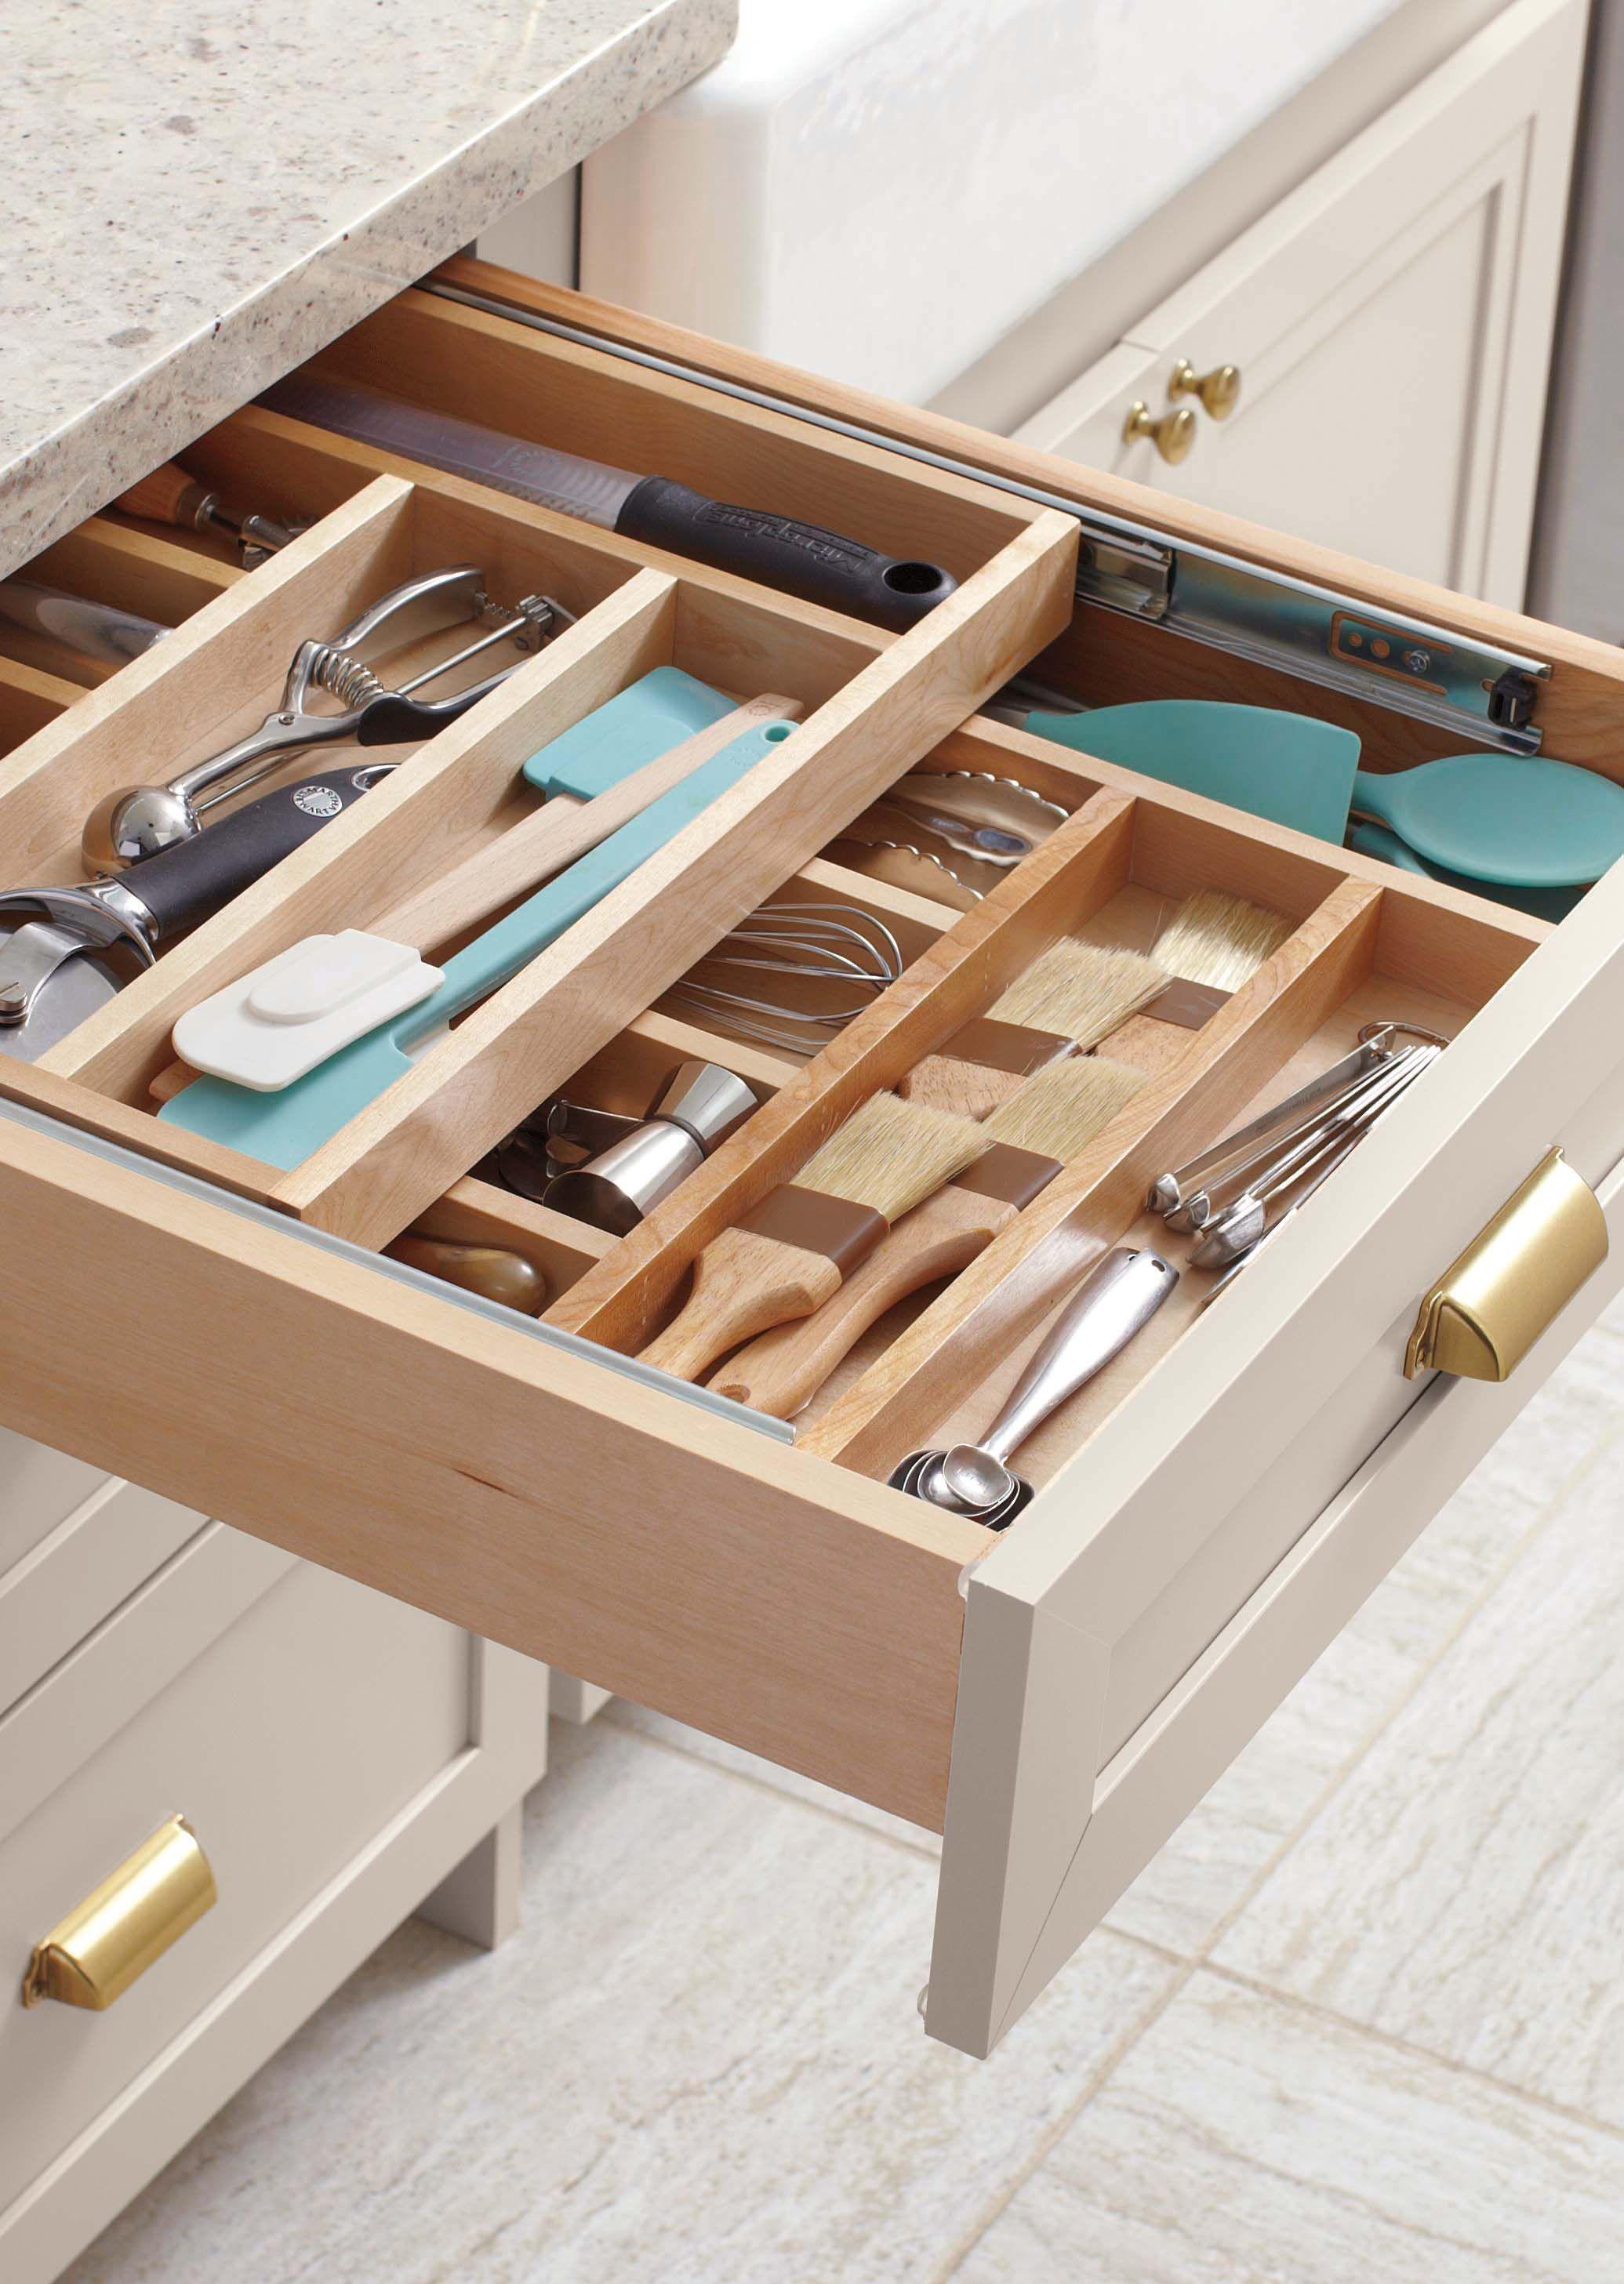 Martha's Top Kitchen Organizing Tips Kitchen storage